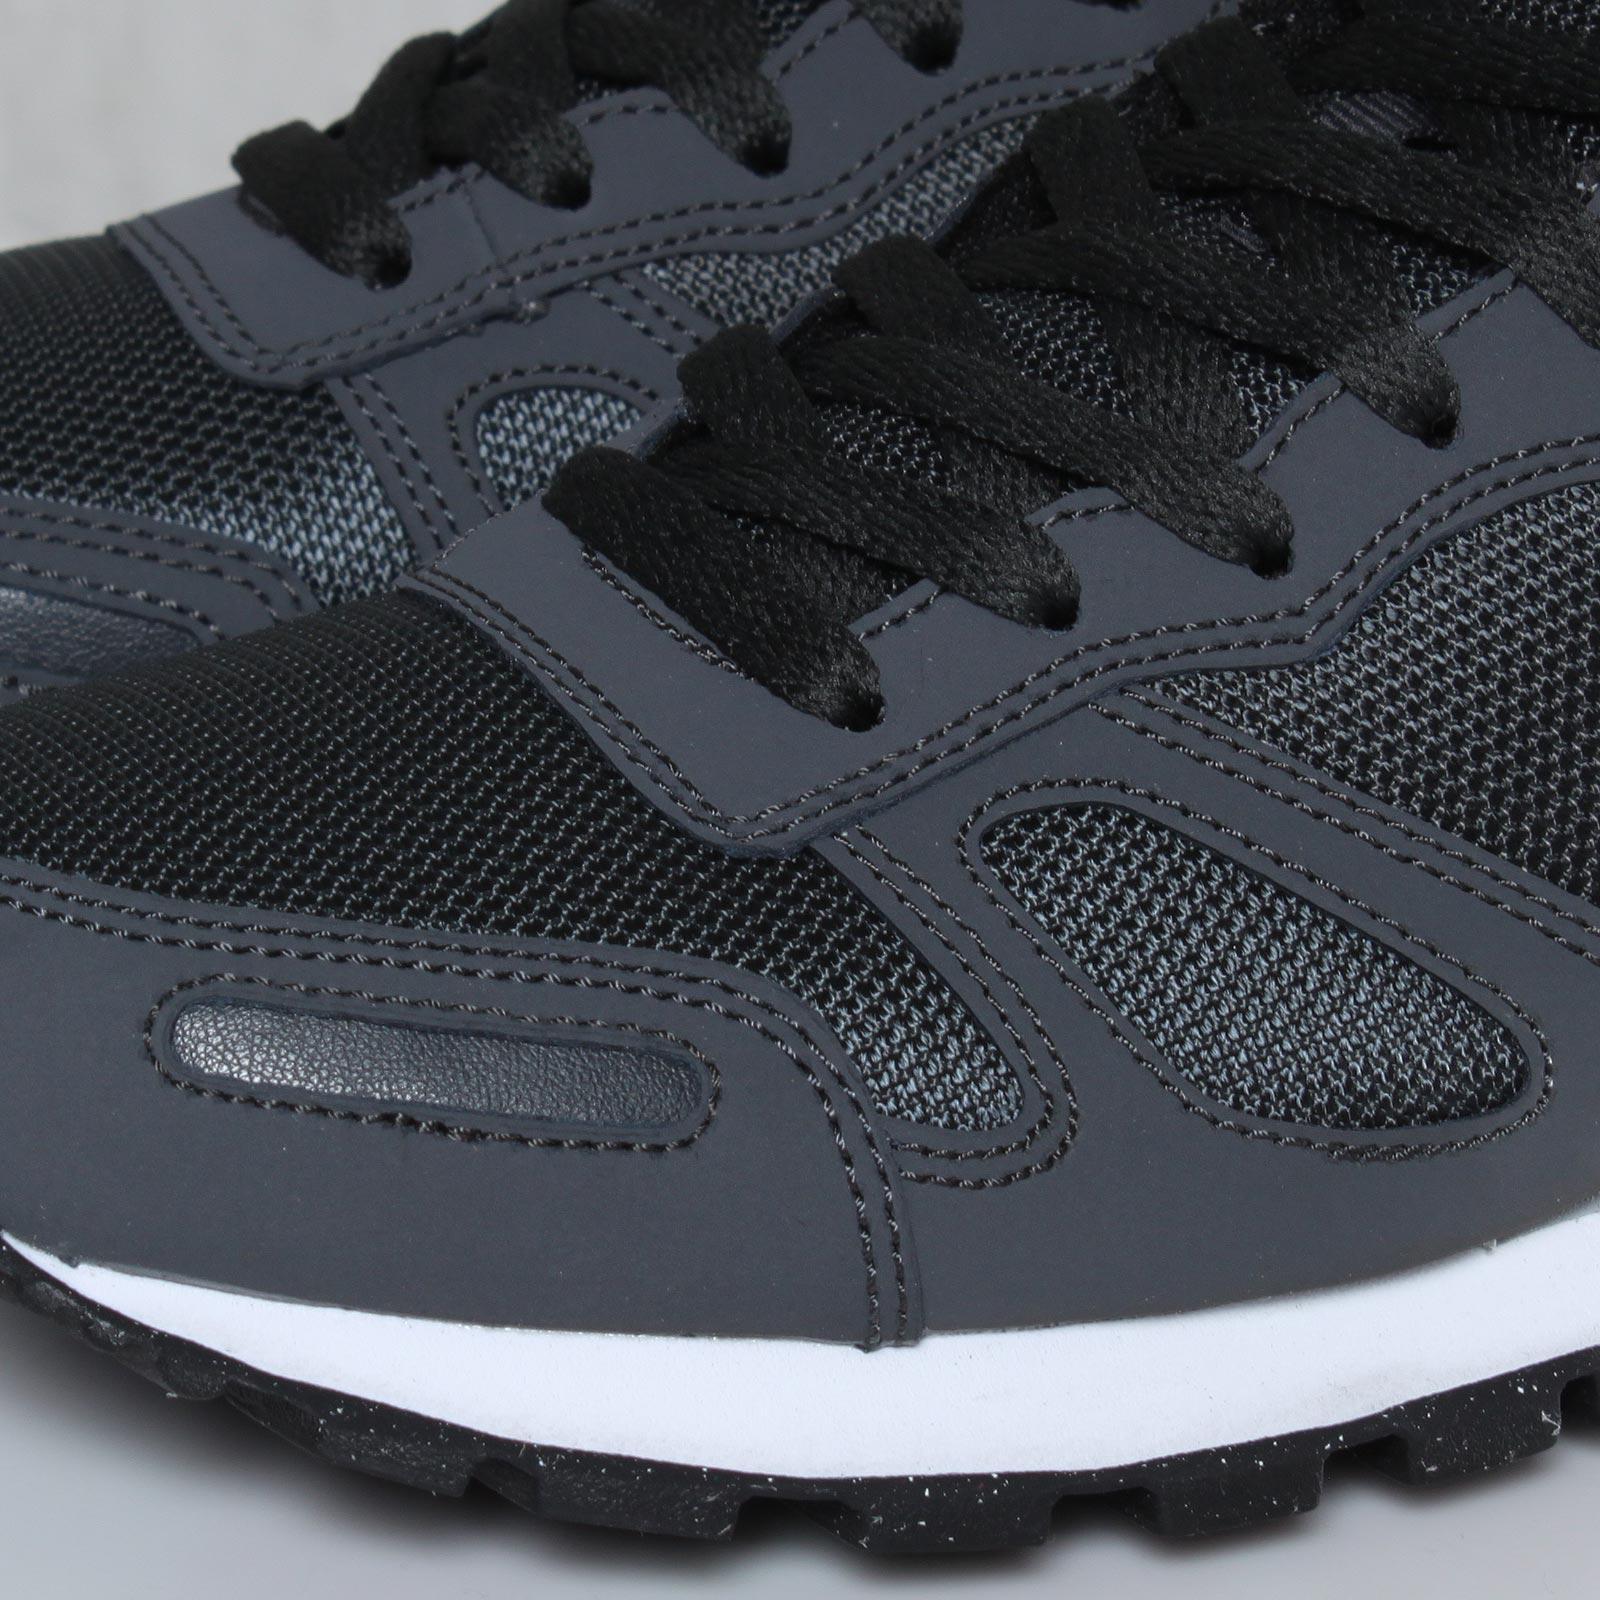 best service 65a86 b3507 Nike Air Waffle Trainer - 109244 - Sneakersnstuff   sneakers   streetwear  online since 1999